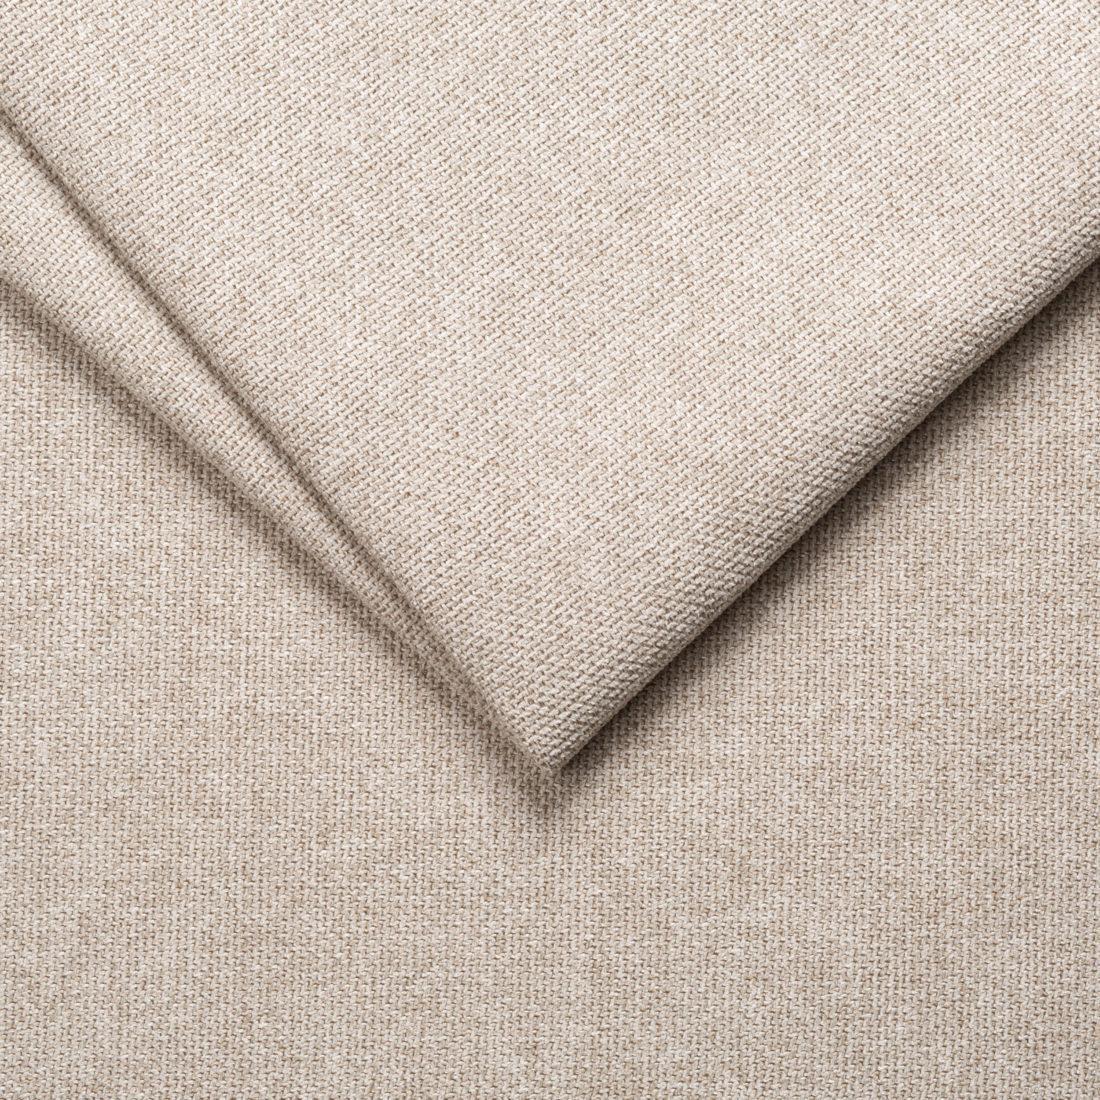 Мебельная ткань Austin 2 Beige, рогожка